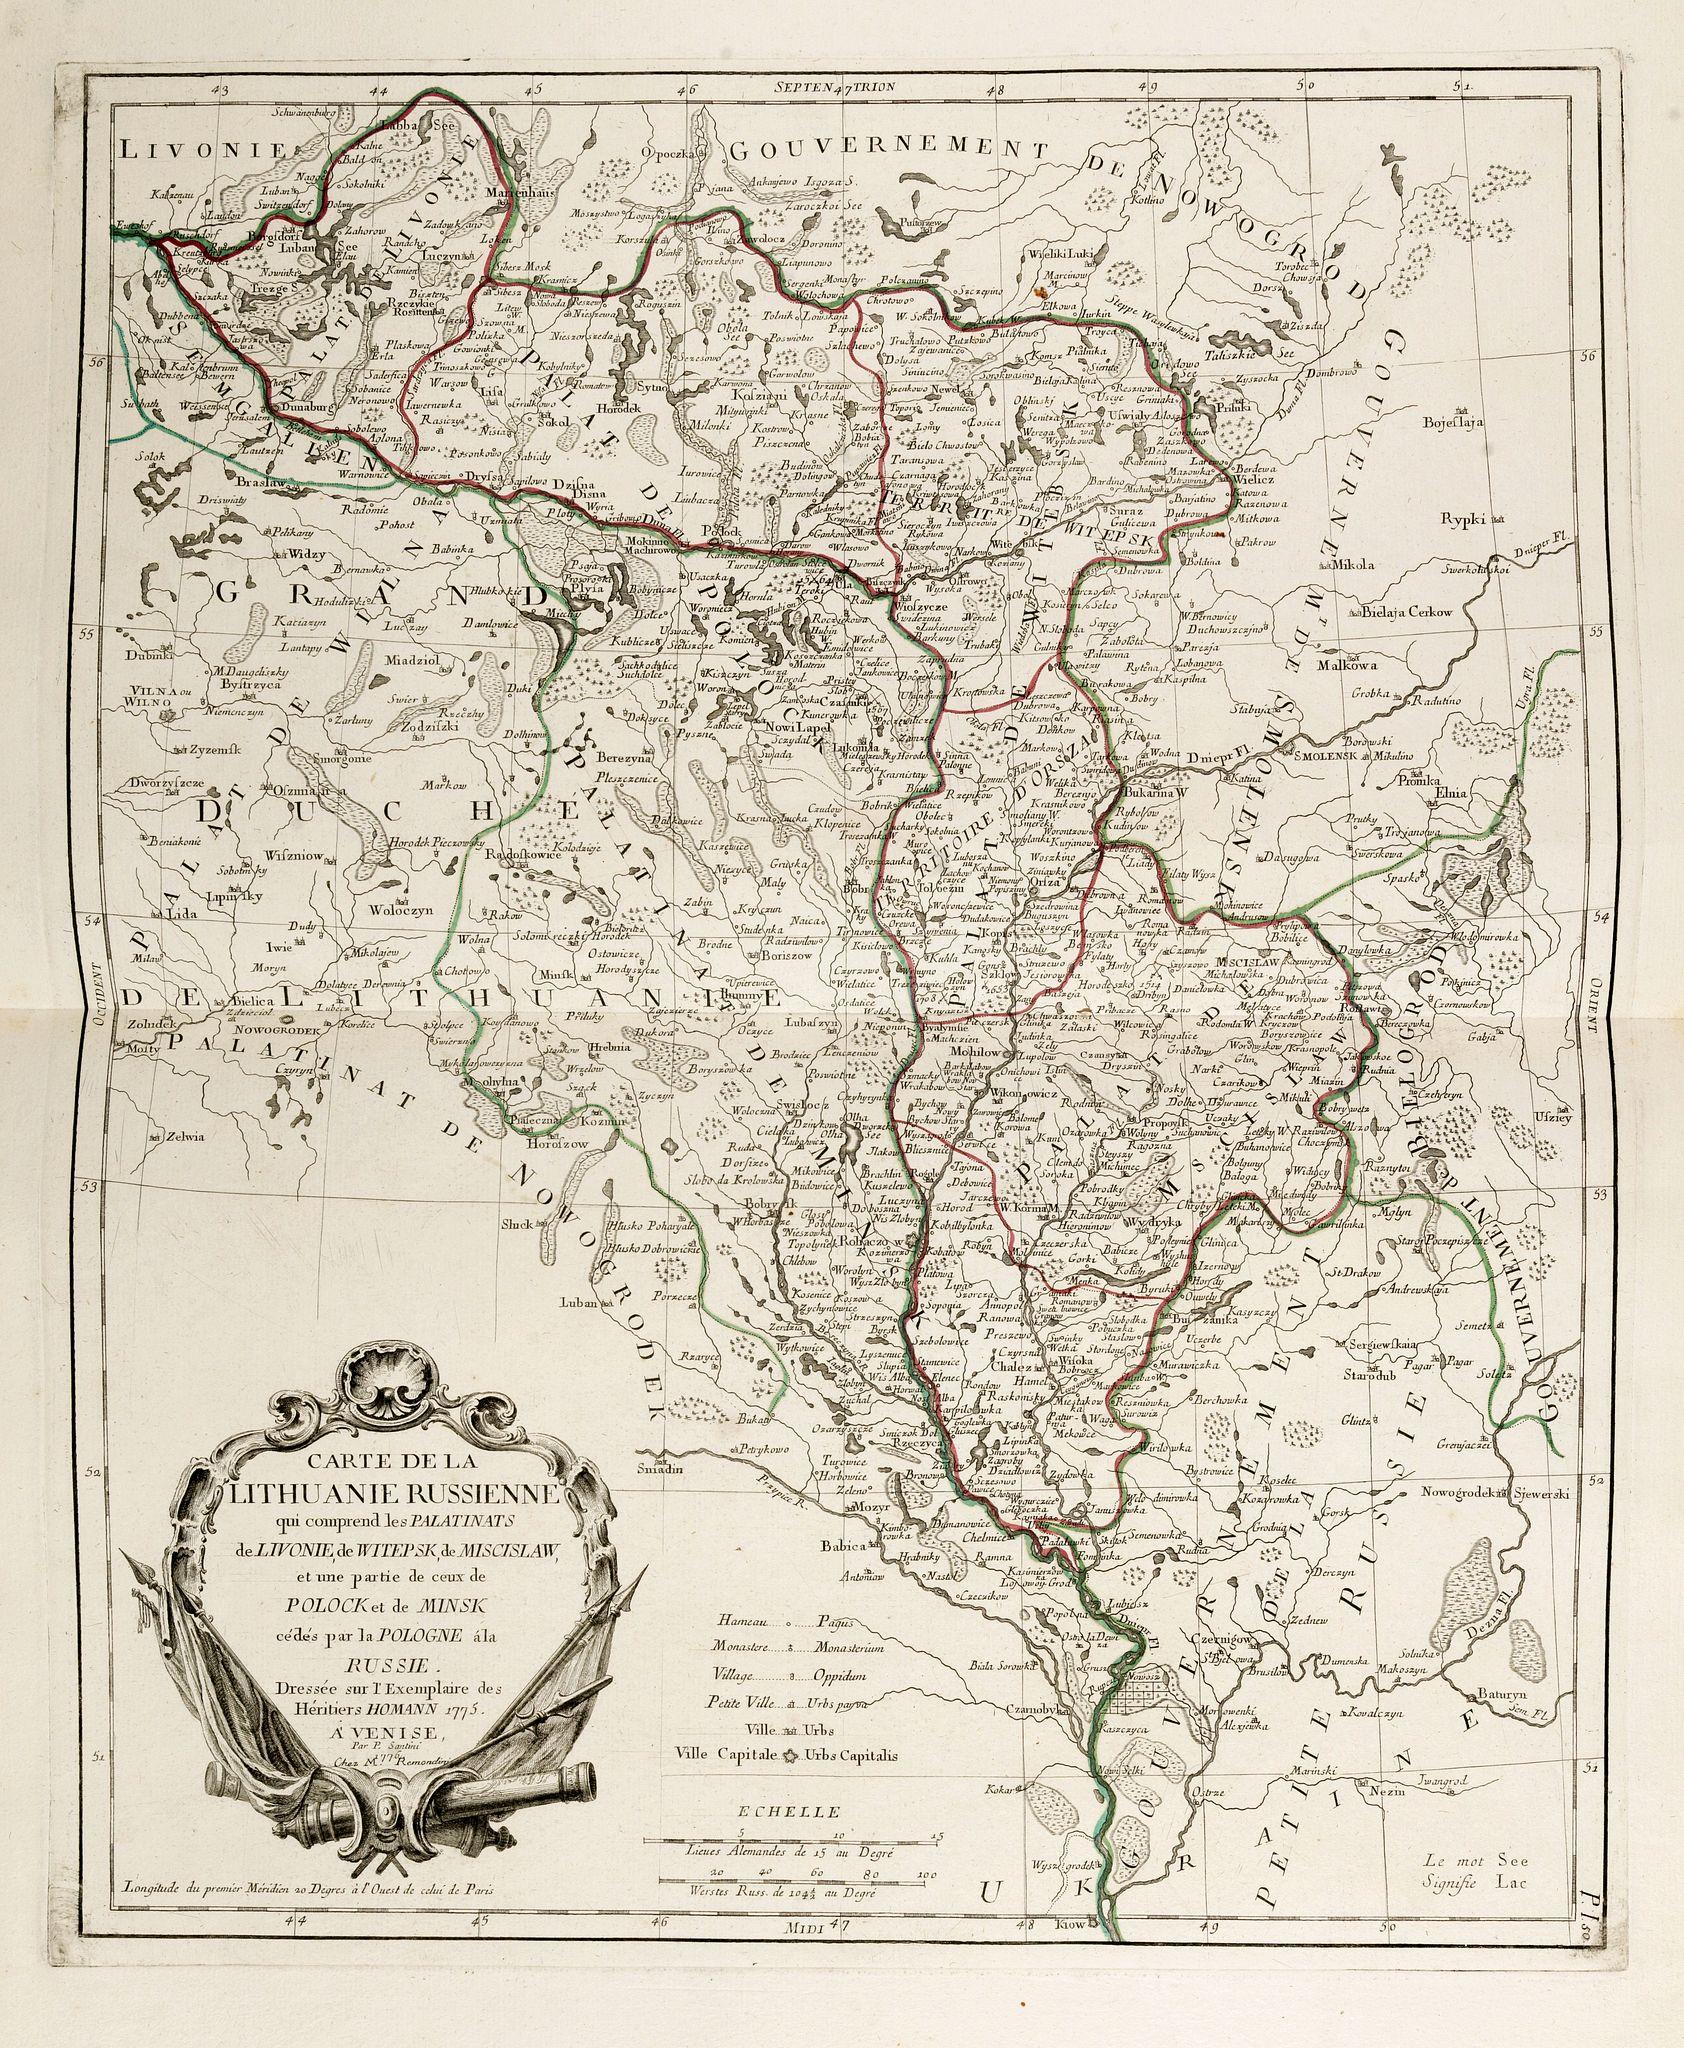 SANTINI, P. / REMONDINI, M. -  Carte de la Lithuanie Russienne qui comprend les Palatinats de Livonie, de Witepsk, de Miscislaw, et une partie de ceux de Polock et de Minsk cédés par la Pologne à la Russie. Dressée sur l'Exemplaire des Héritiers Homann 1775.